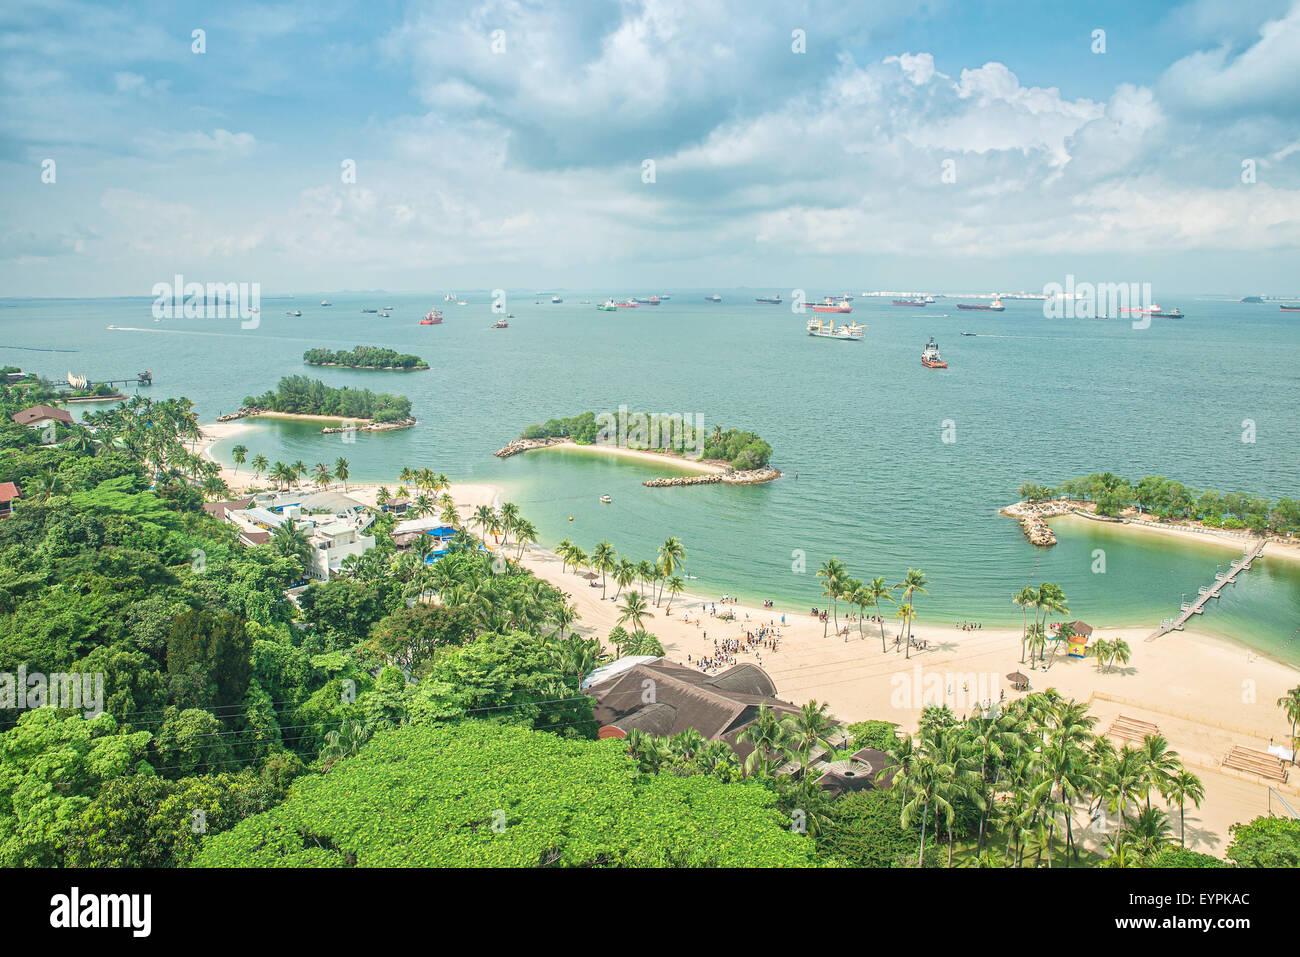 Vue aérienne de la plage de l'île de Sentosa, Singapour Photo Stock